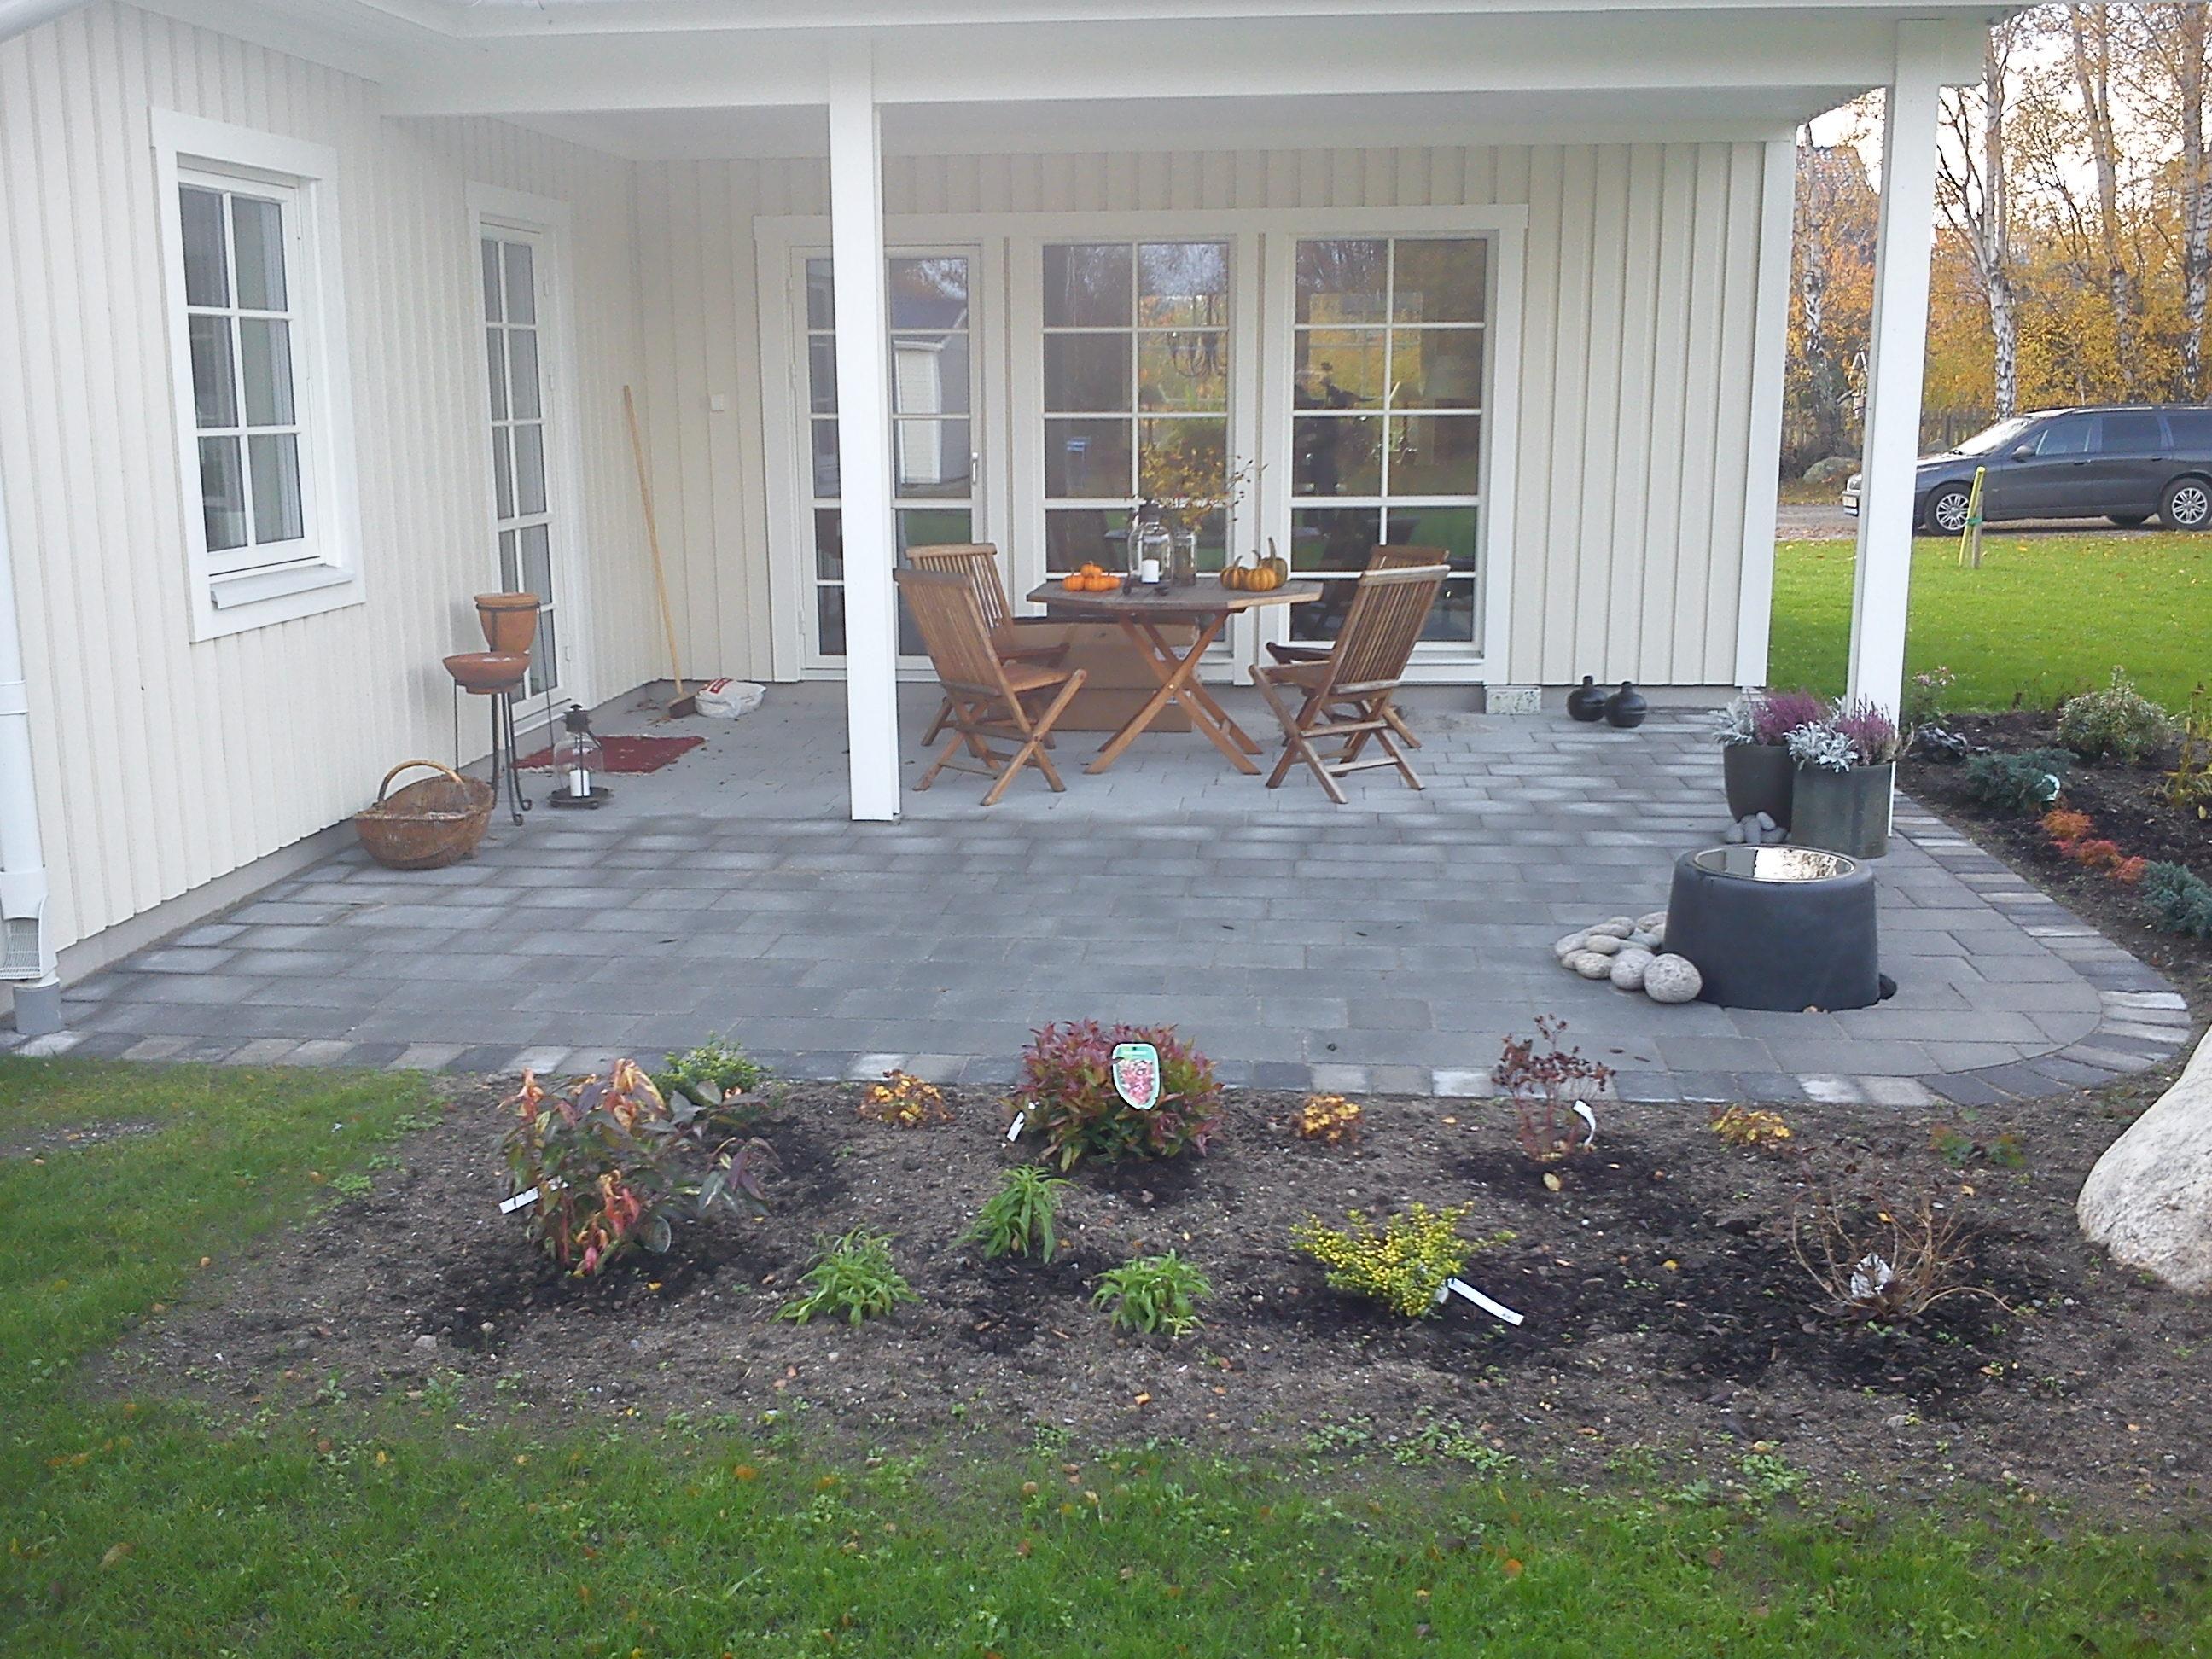 Trädgård Grus : P schakt gräv dränering grus matjord trädgård plattläggning